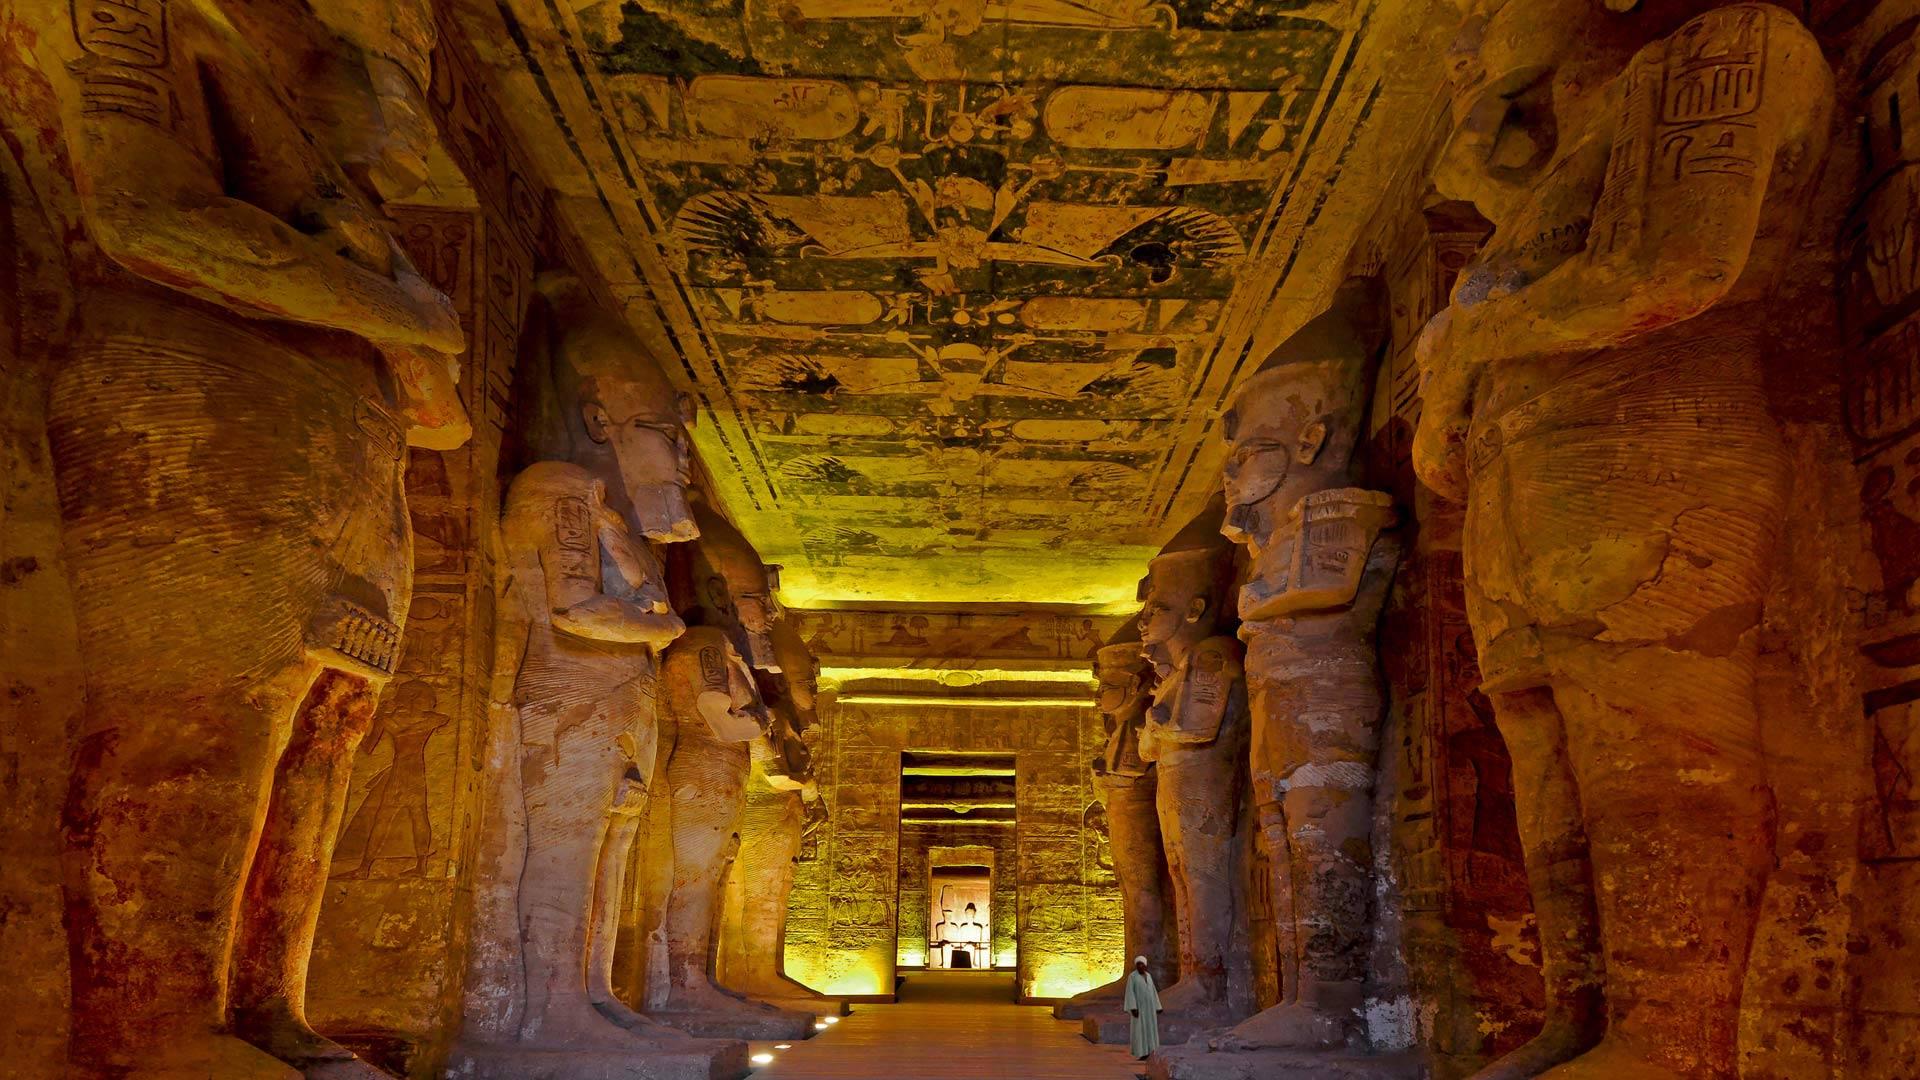 Intérieur du Grand Temple de Ramsès II, Abou Simbel, Égypte (© Nick Brundle Photography/Getty Images)(Bing France)